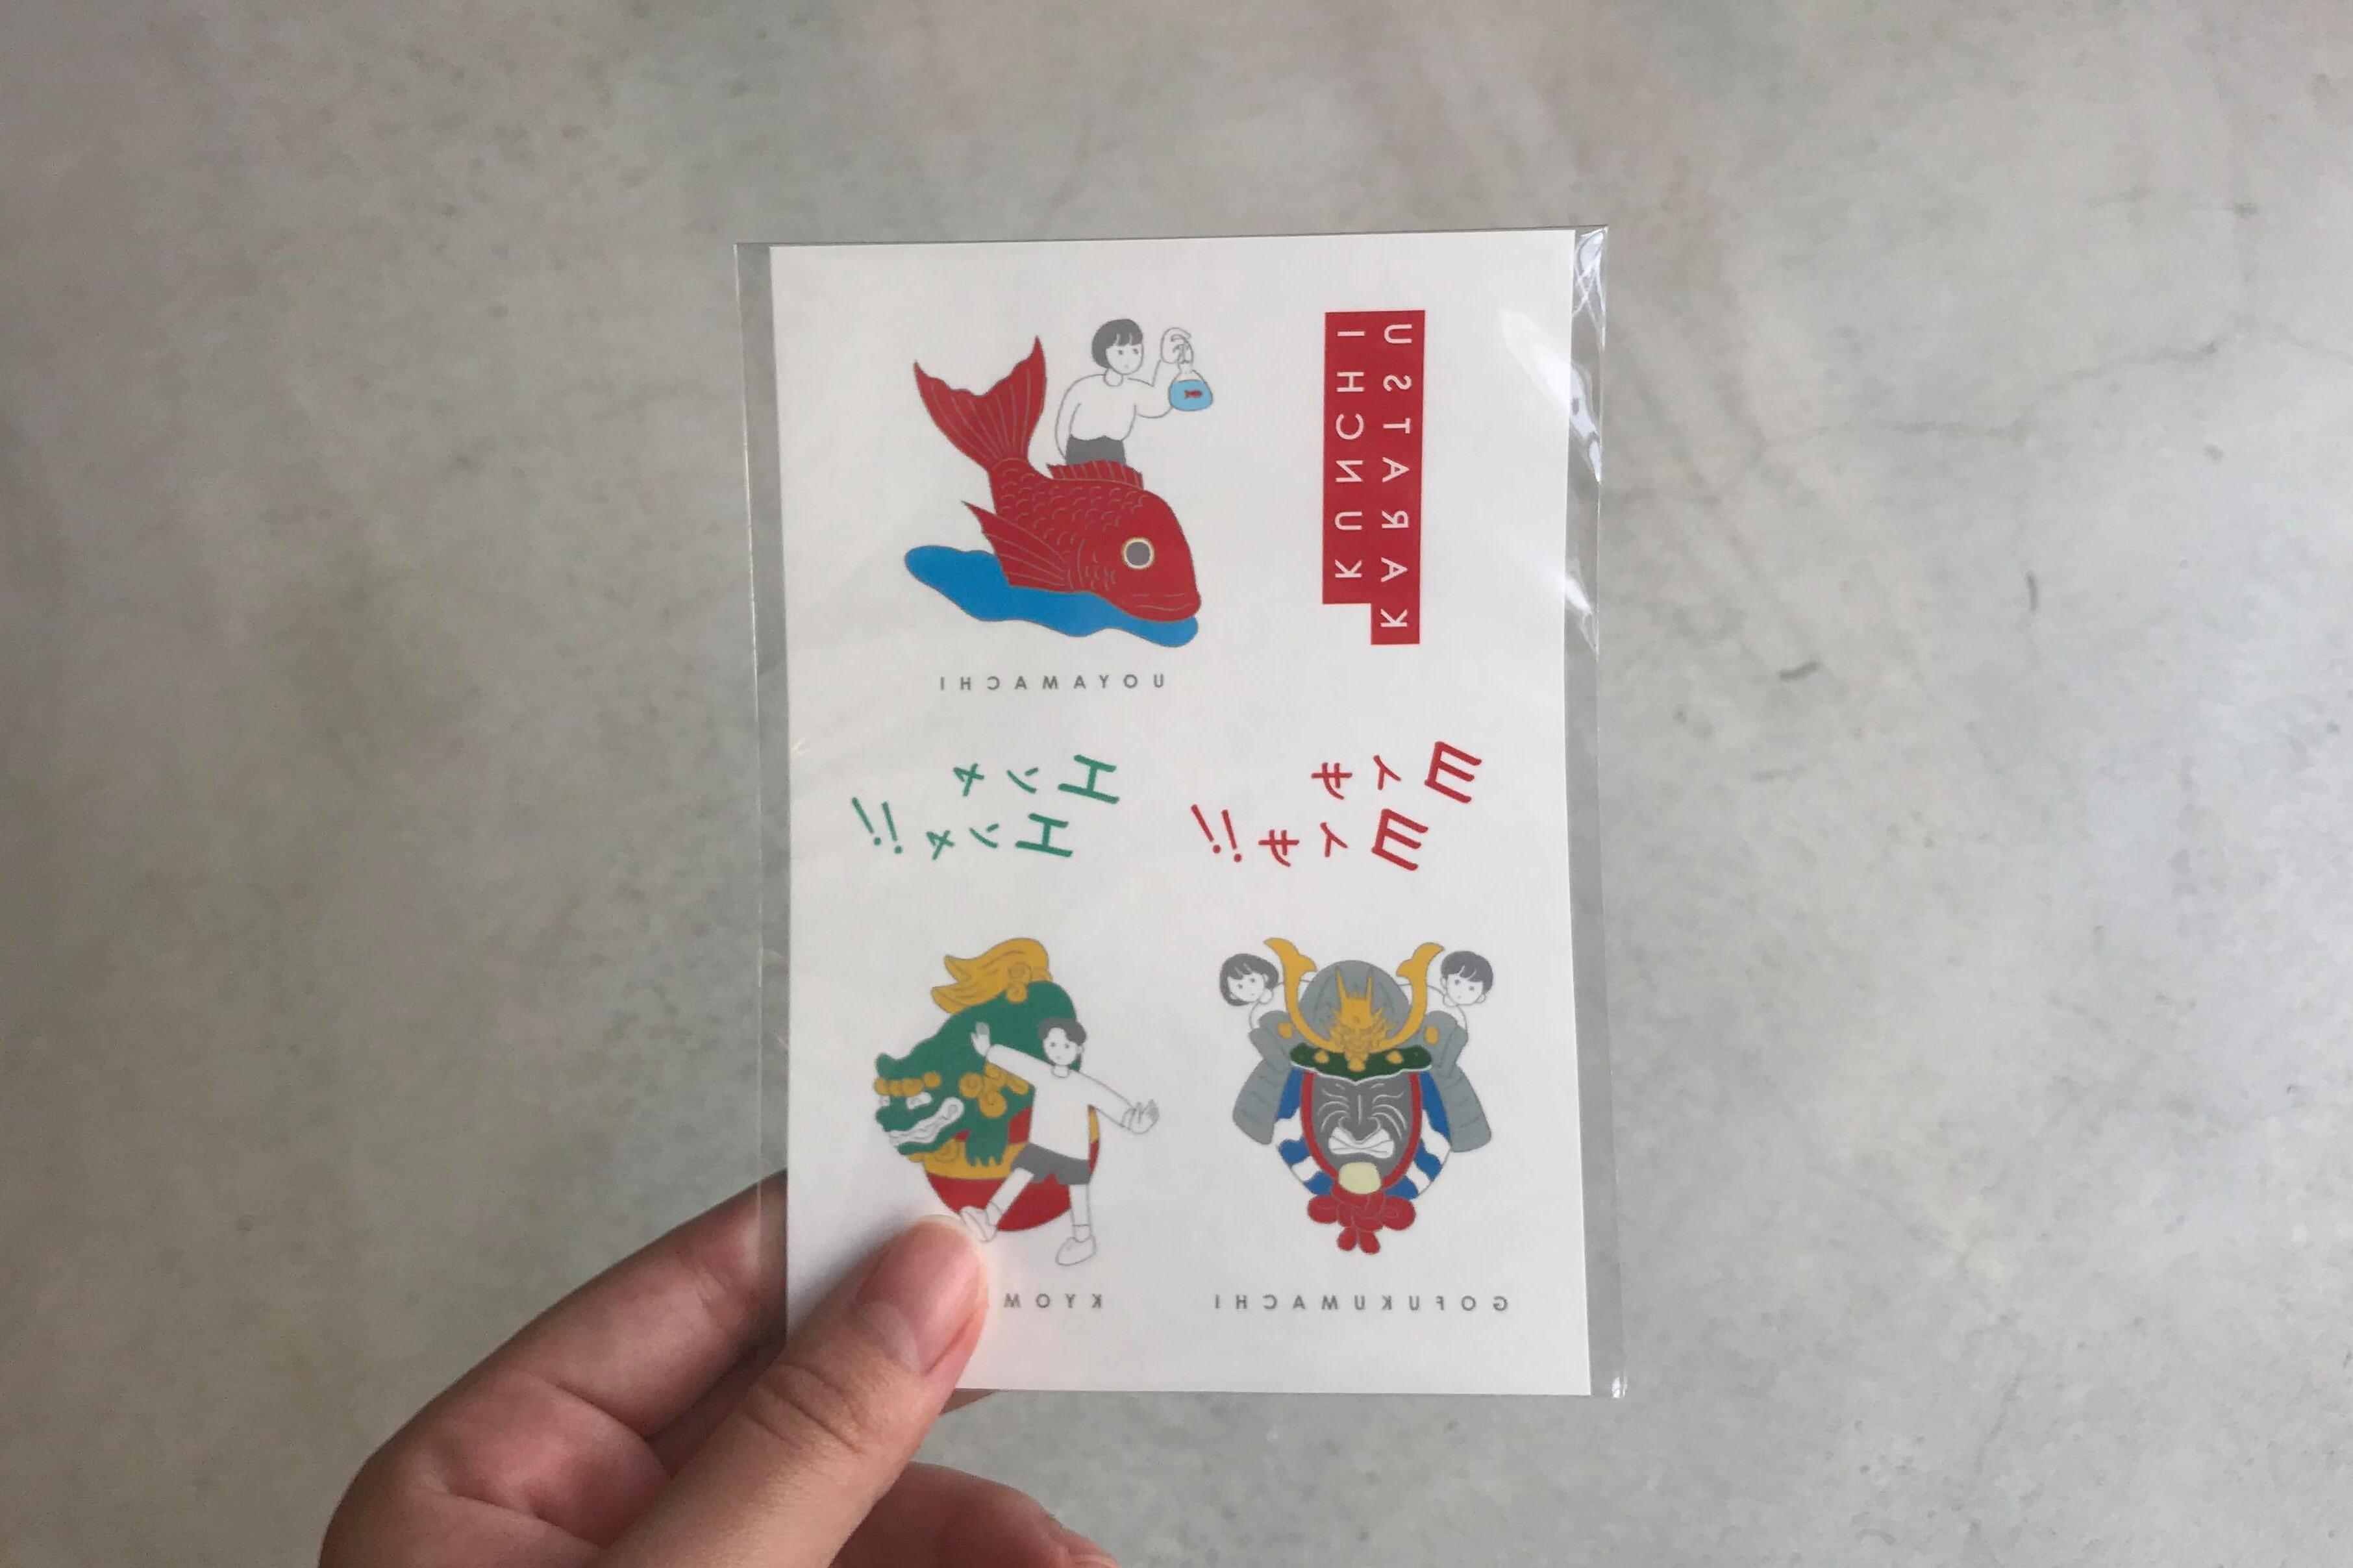 【スペシャルコラボアイテム×深川優】唐津くんちタトゥーシール